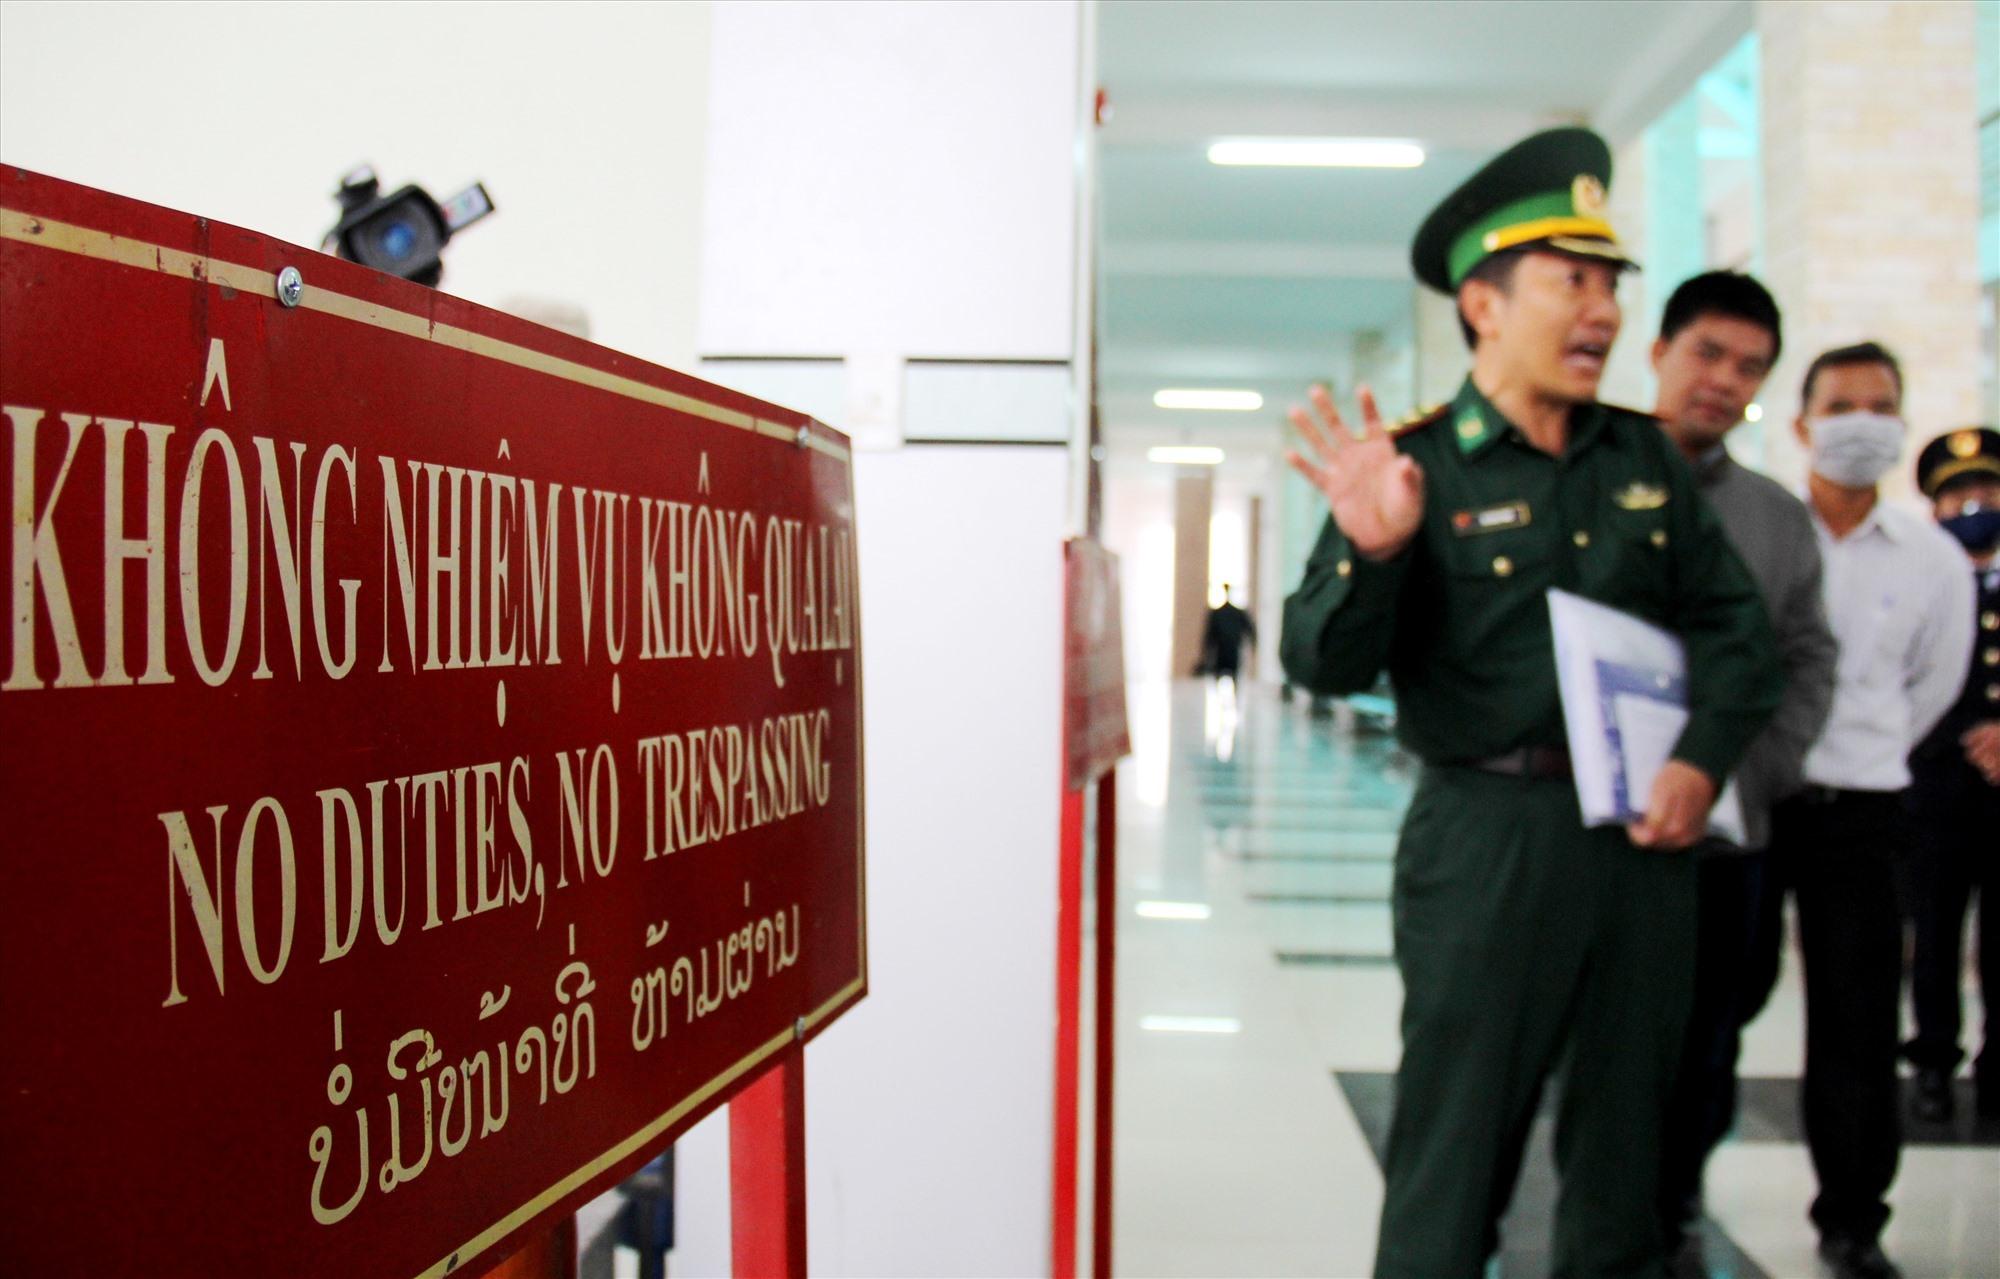 Khu vực cửa khẩu Nam Giang, nơi tiếp nhận và cách ly 9 công dân đồng bào Mông được lực lượng chức năng của Lào bàn giao. Ảnh: A.N